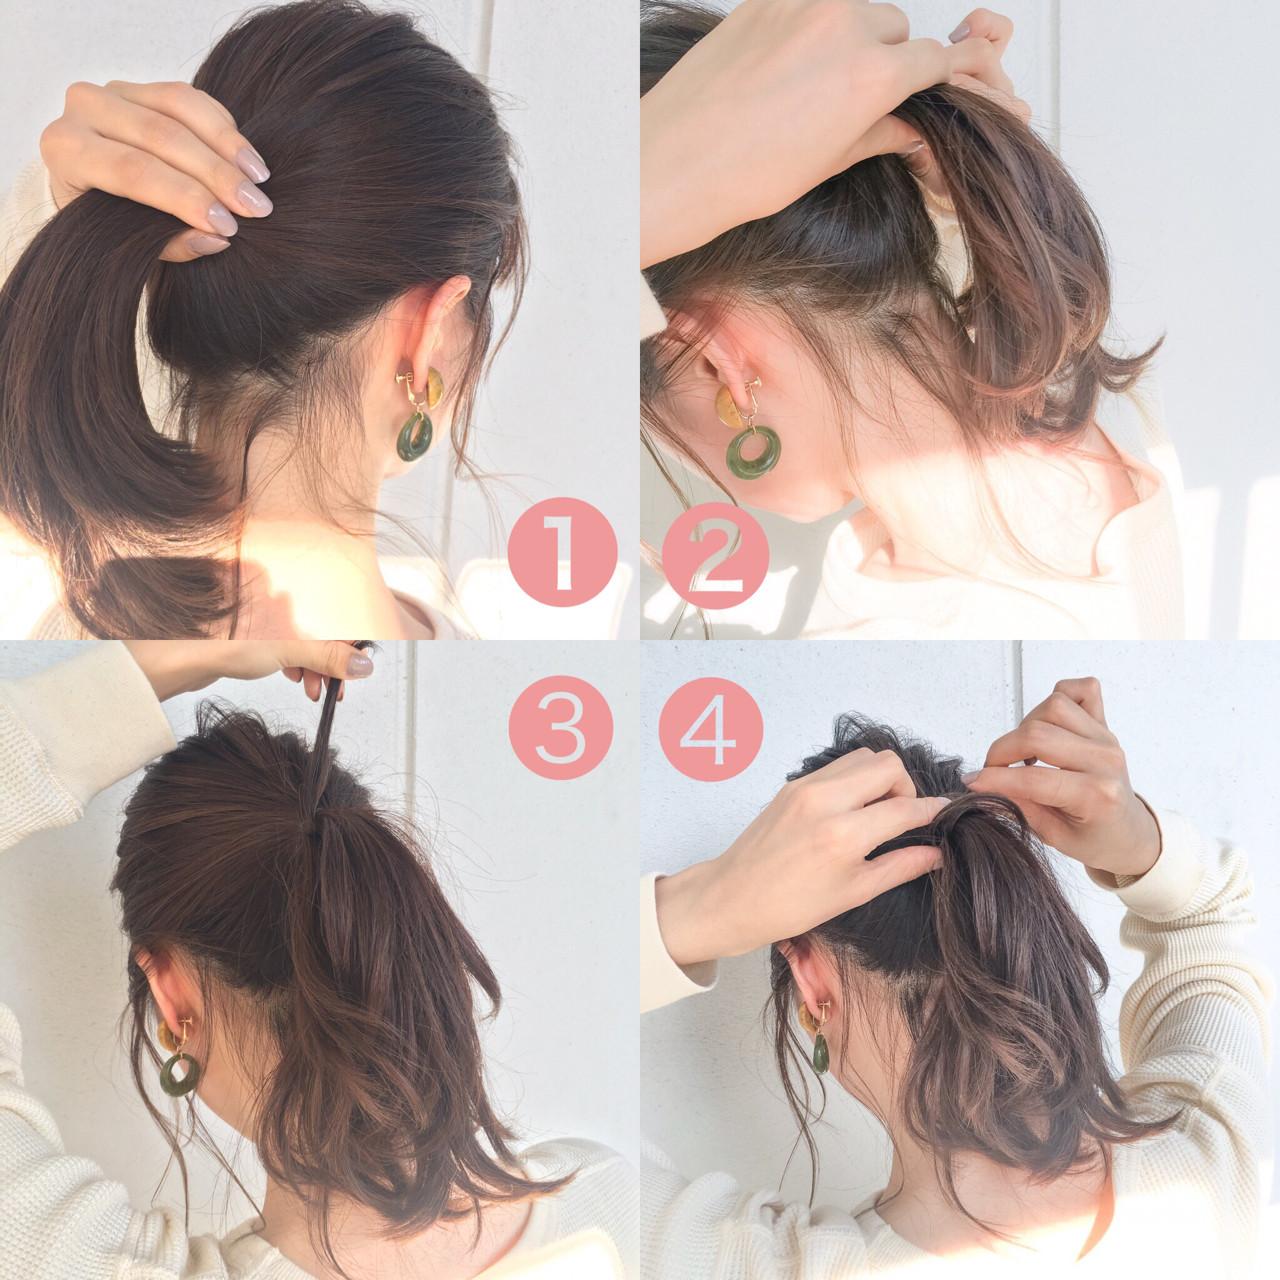 ボブ ショート ミディアム 簡単ヘアアレンジ ヘアスタイルや髪型の写真・画像 | lora.garden 細田真吾 / lora.garden